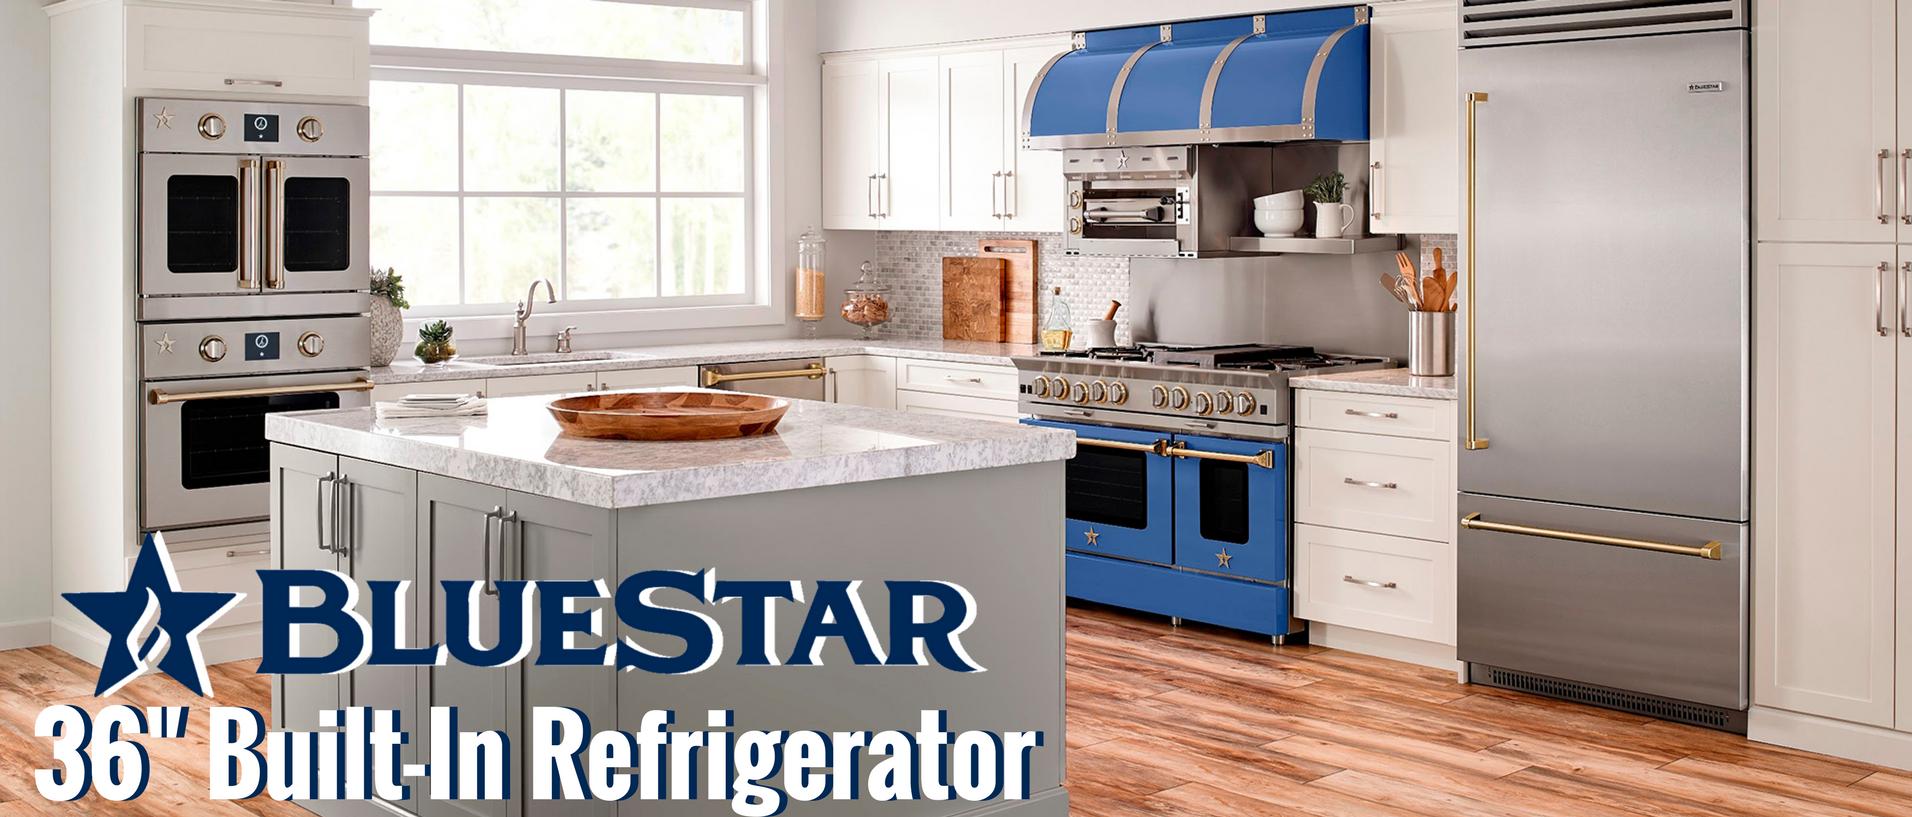 BlueStar 36 inch built in refrigerator banner